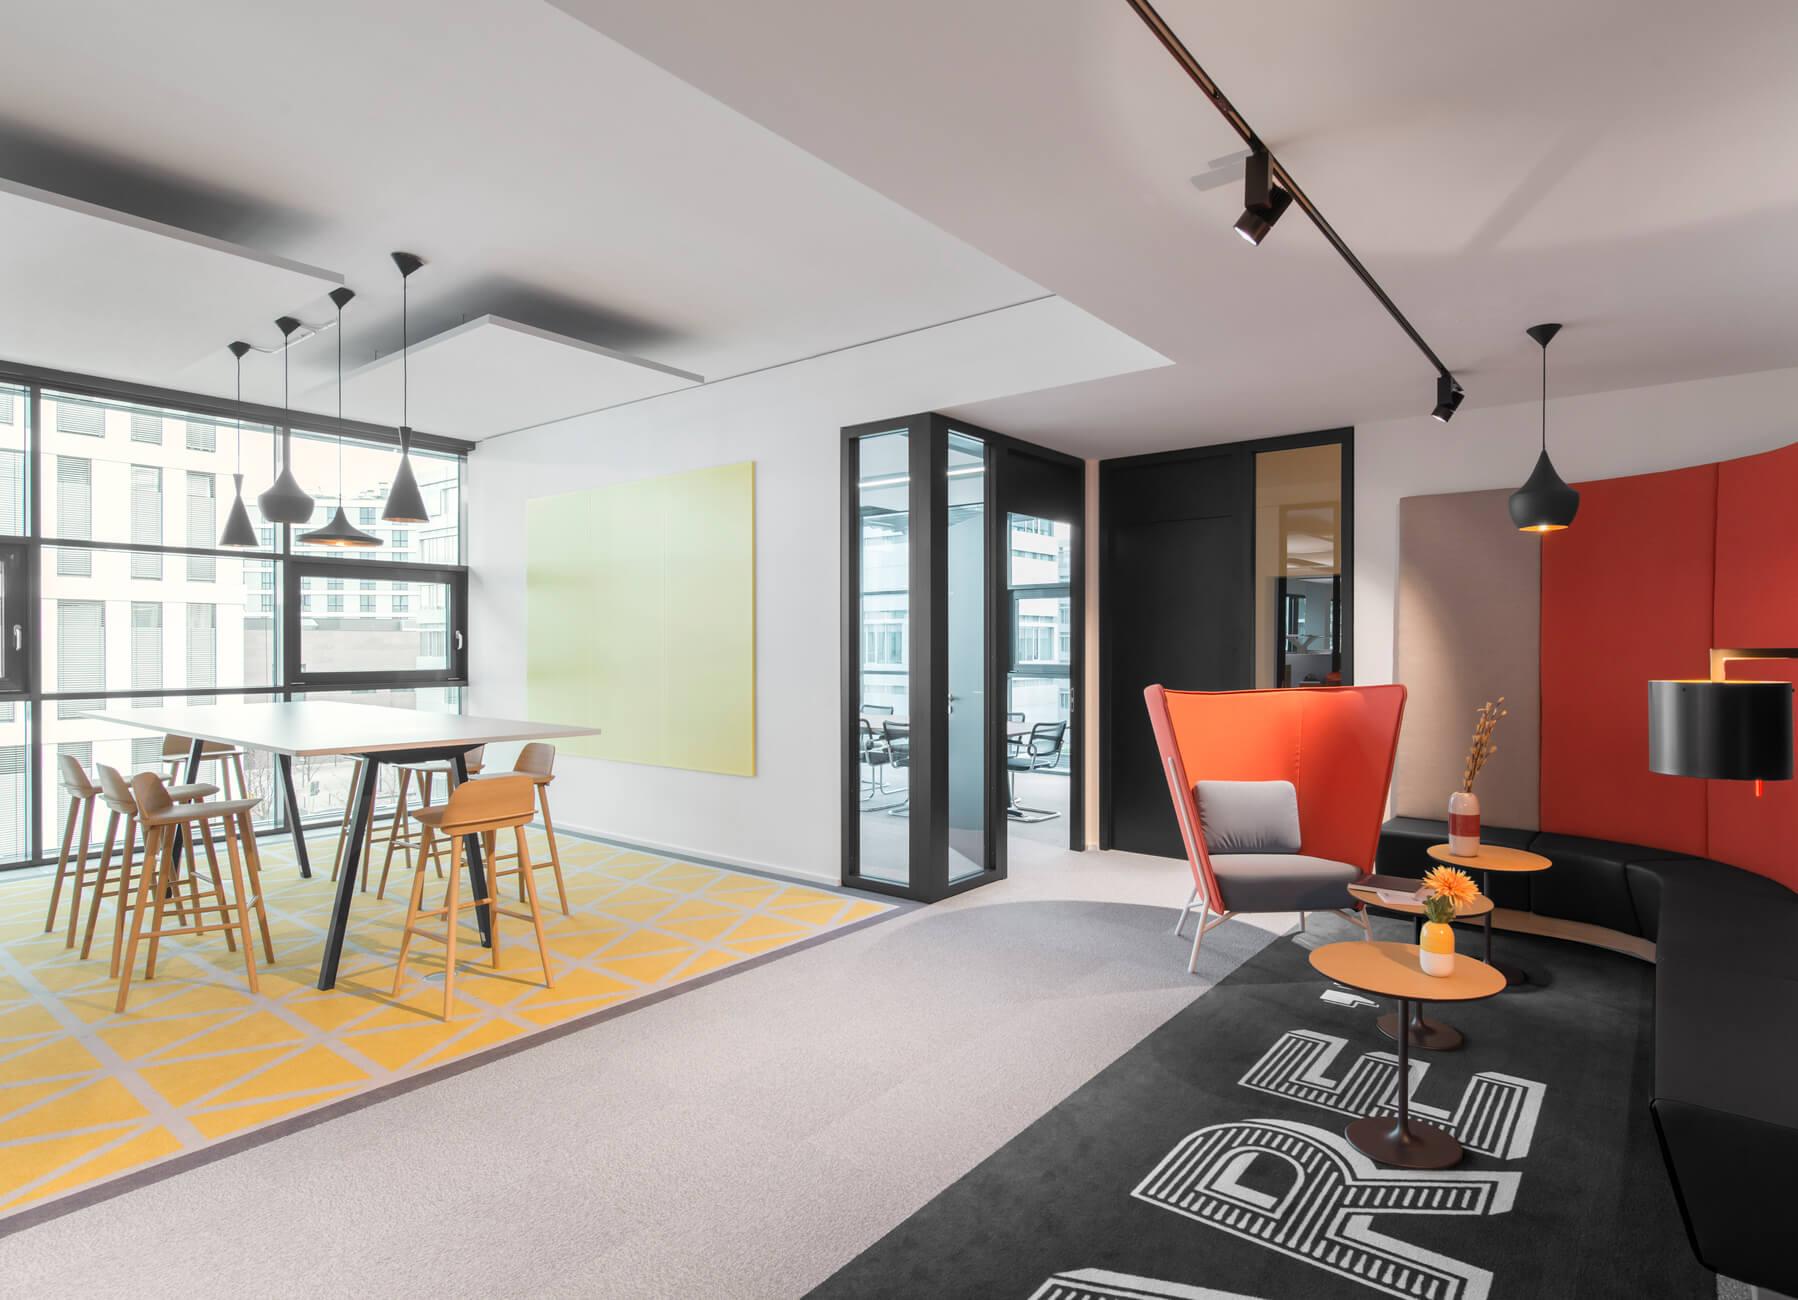 HL Loop SPECIAL MADE-Unibail Head office Dusseldorf-Germany